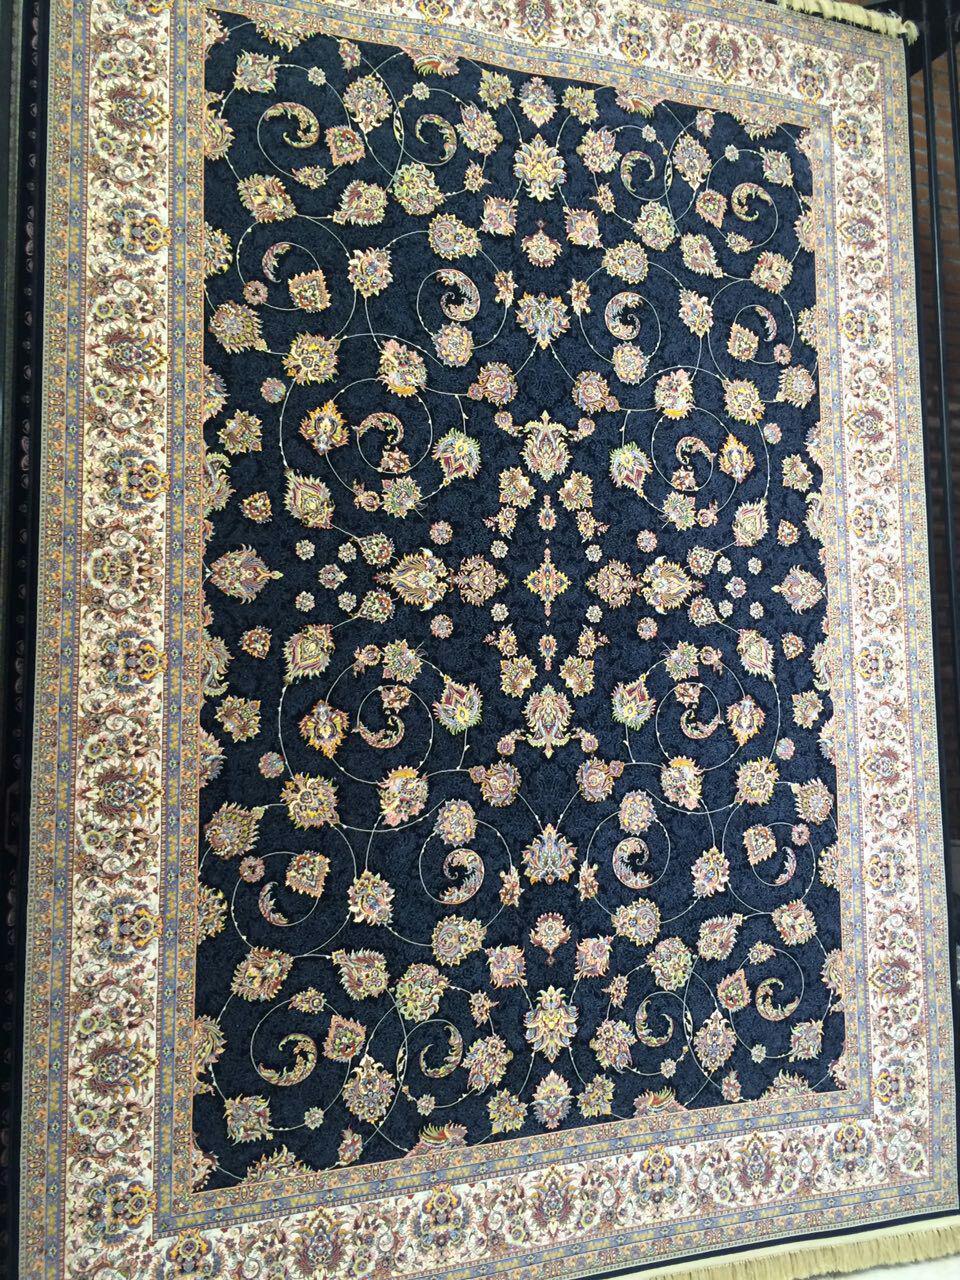 فرش زیبای ۱۲۰۰ شانه بافته شده با نخ ترک با لطافت بسیار بالا